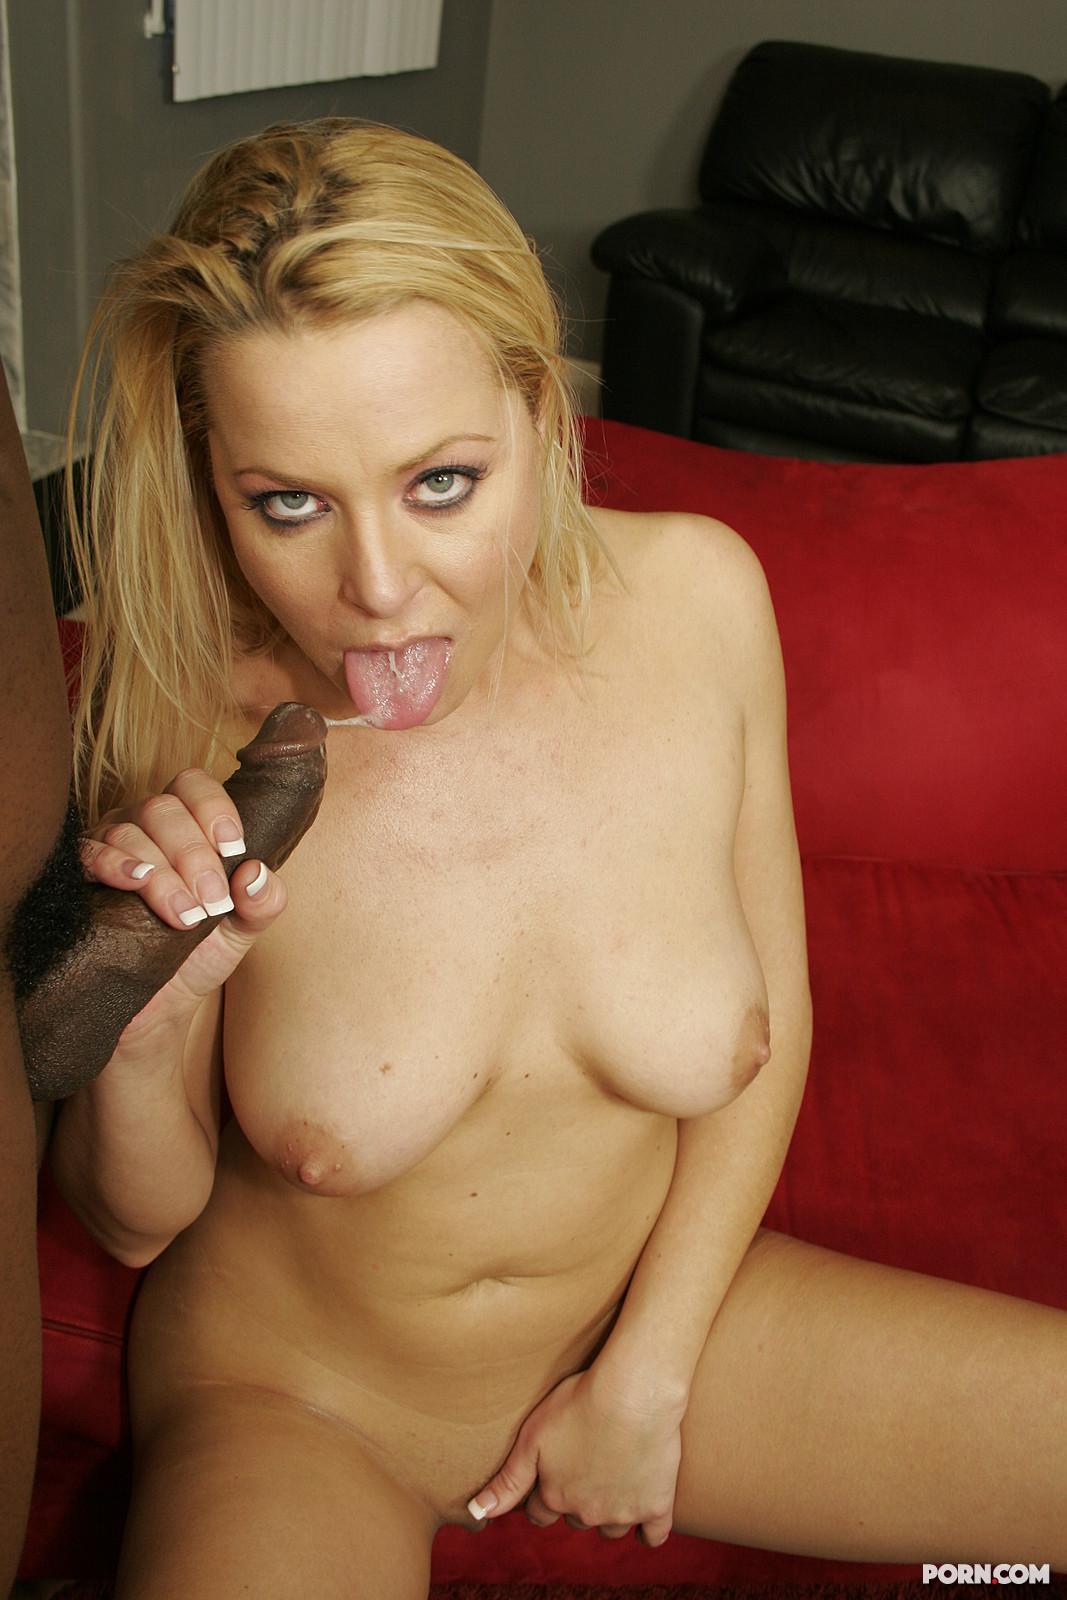 Давалка высунула язык и ждет, пока негр выстрелит в неё горячей спермой